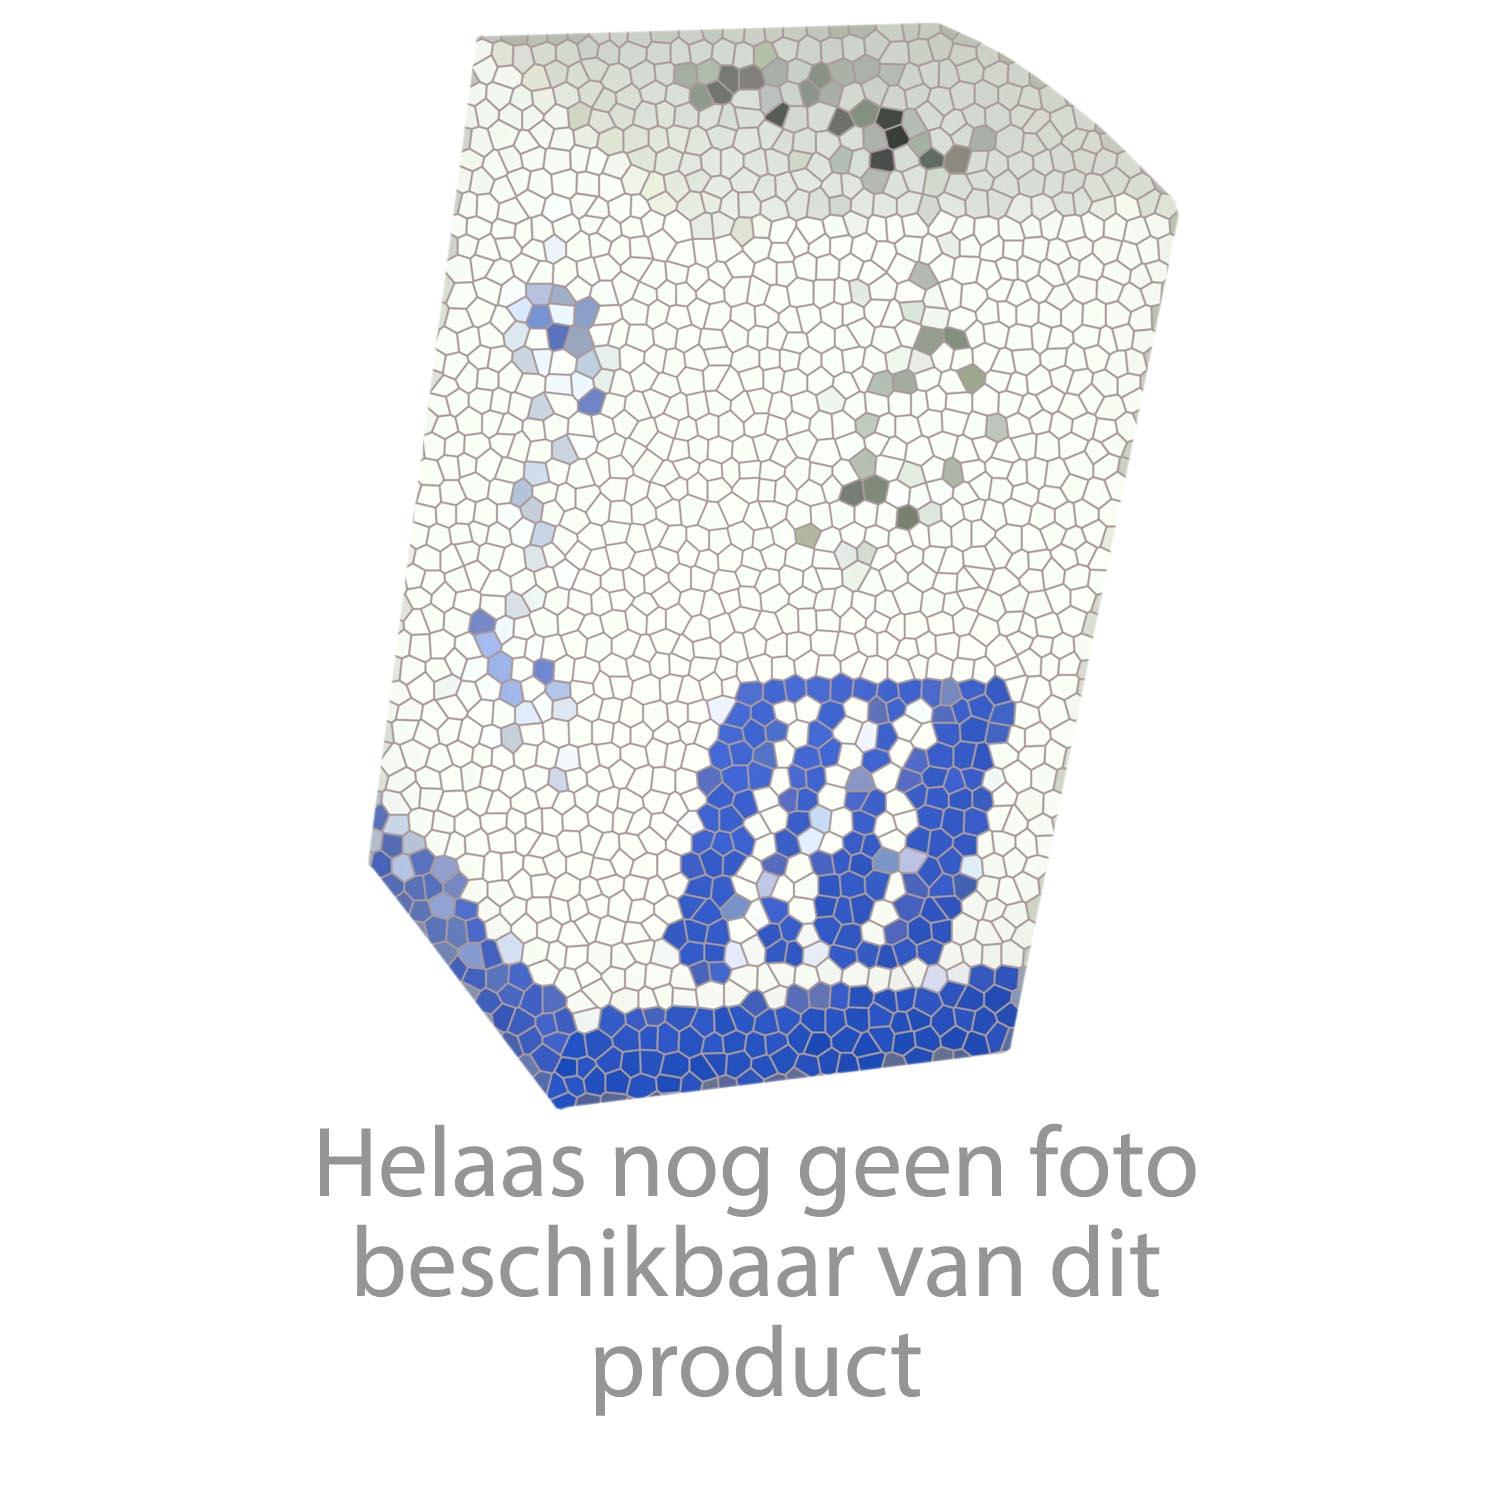 HansGrohe Keukenmengkranen Allegra Metropol / Allegra Uno productiejaar > 09/01 14835 onderdelen